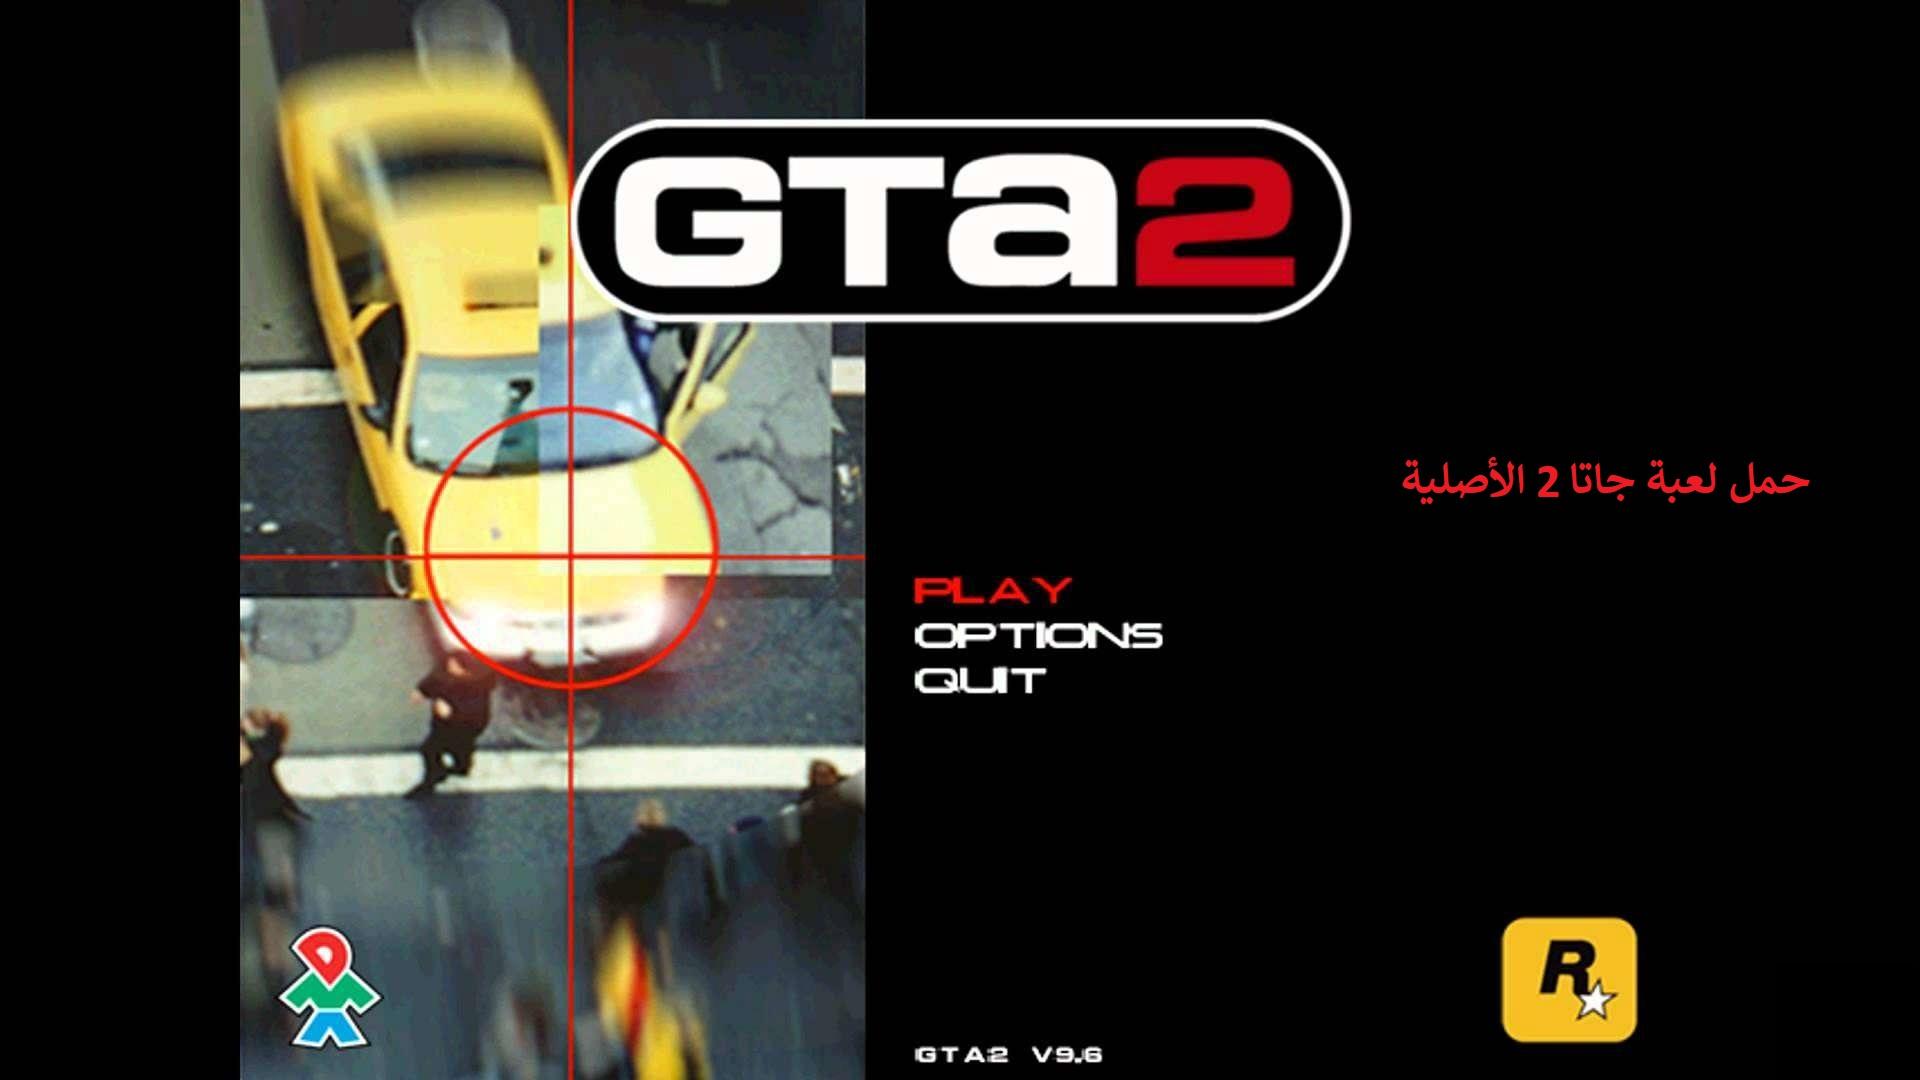 تحميل لعبة جاتا 2 للكمبيوتر Gta 2 برابط واحد خفيف مضغوط ميديا فاير